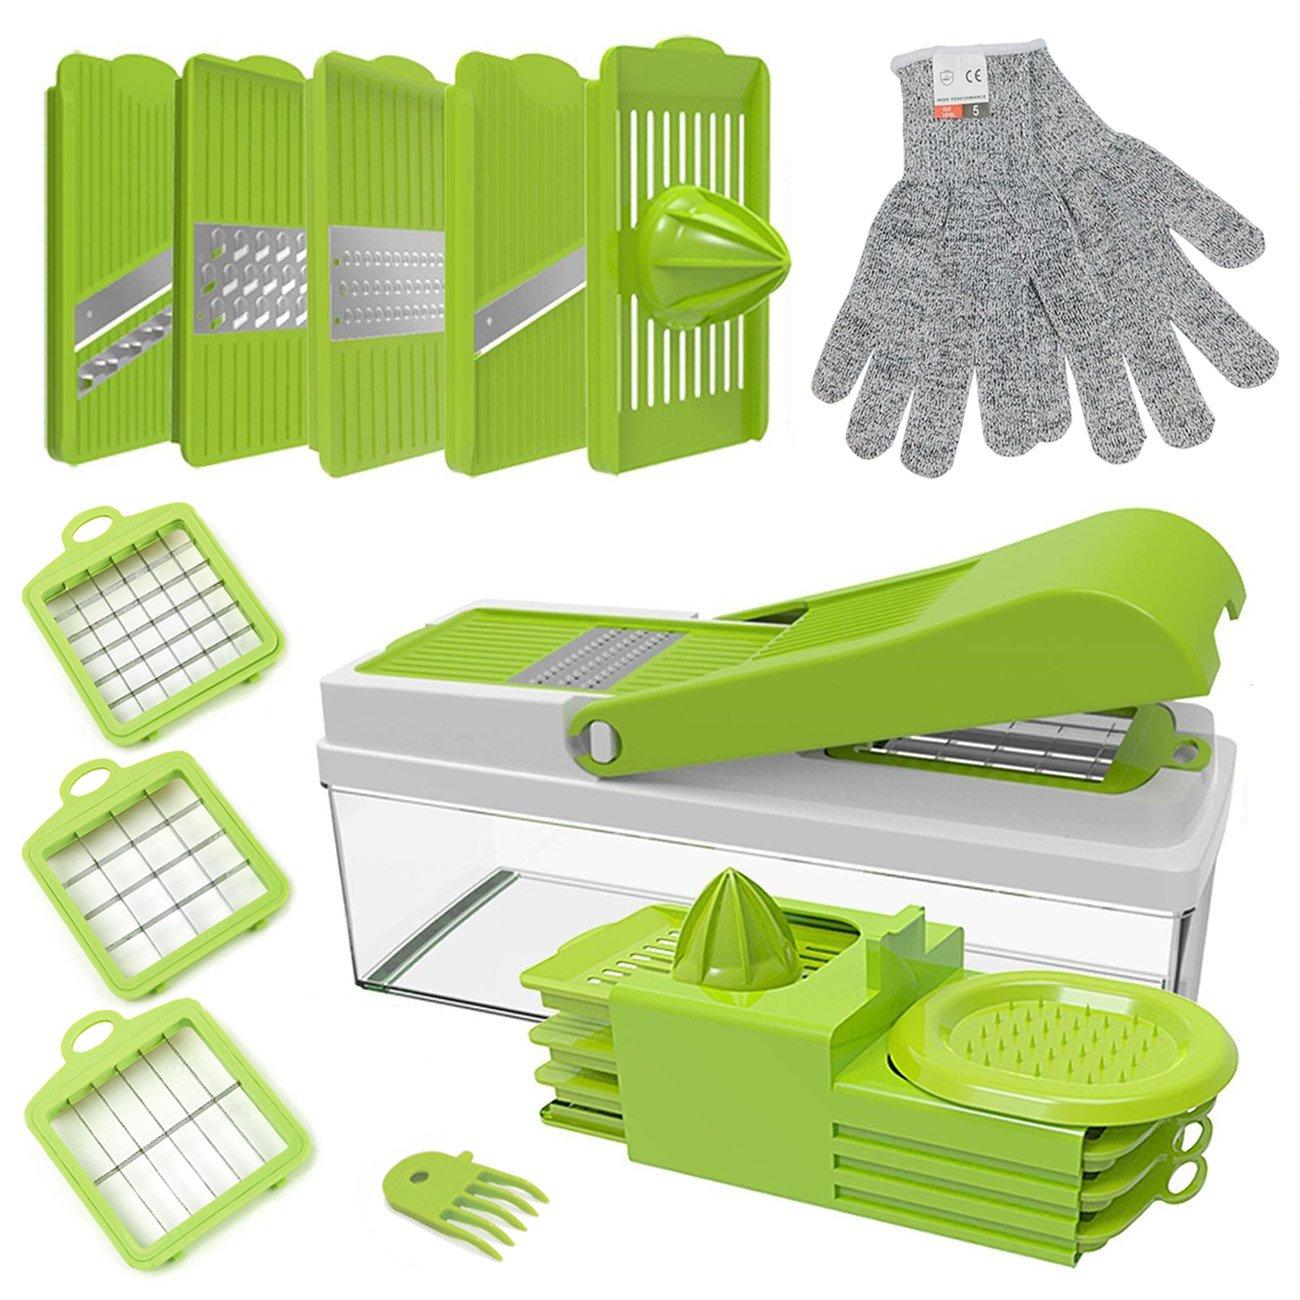 ABBTO Vegetable Chopper Dicer, Julienne Slicer, Mandoline Slicer, Grater, 8-in-1 Multi Cutter with Container, Lemon Juice Squeezer, FREE Cut Resistant Gloves (Adjustable slicer)